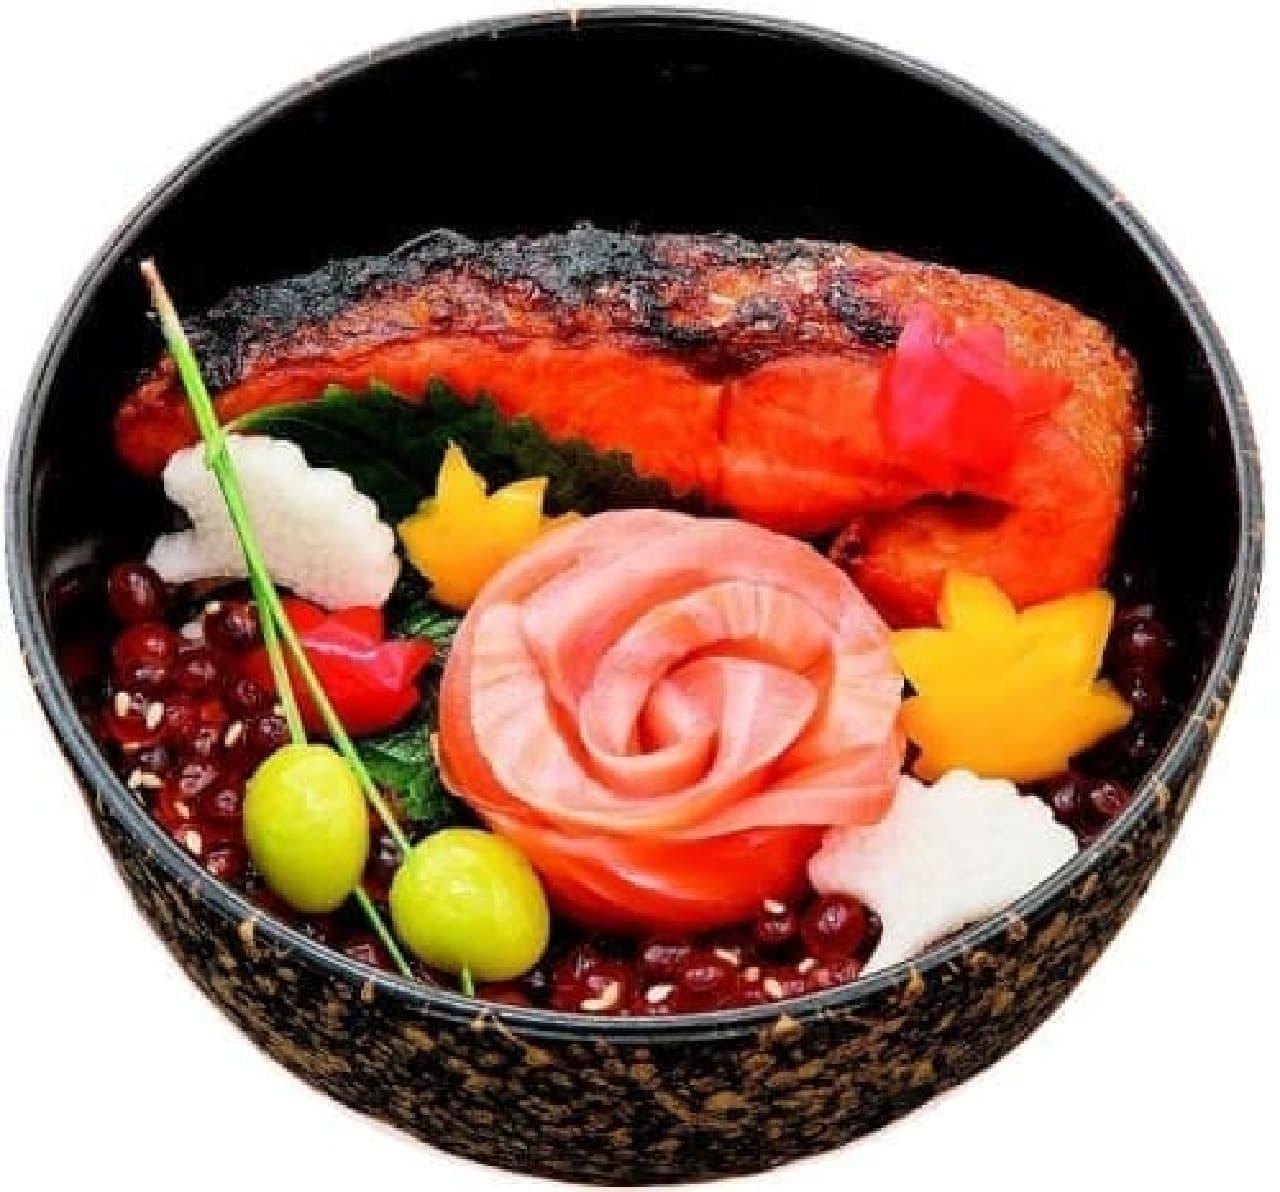 築地 味の浜藤 醍醐味「秋味の三色丼」